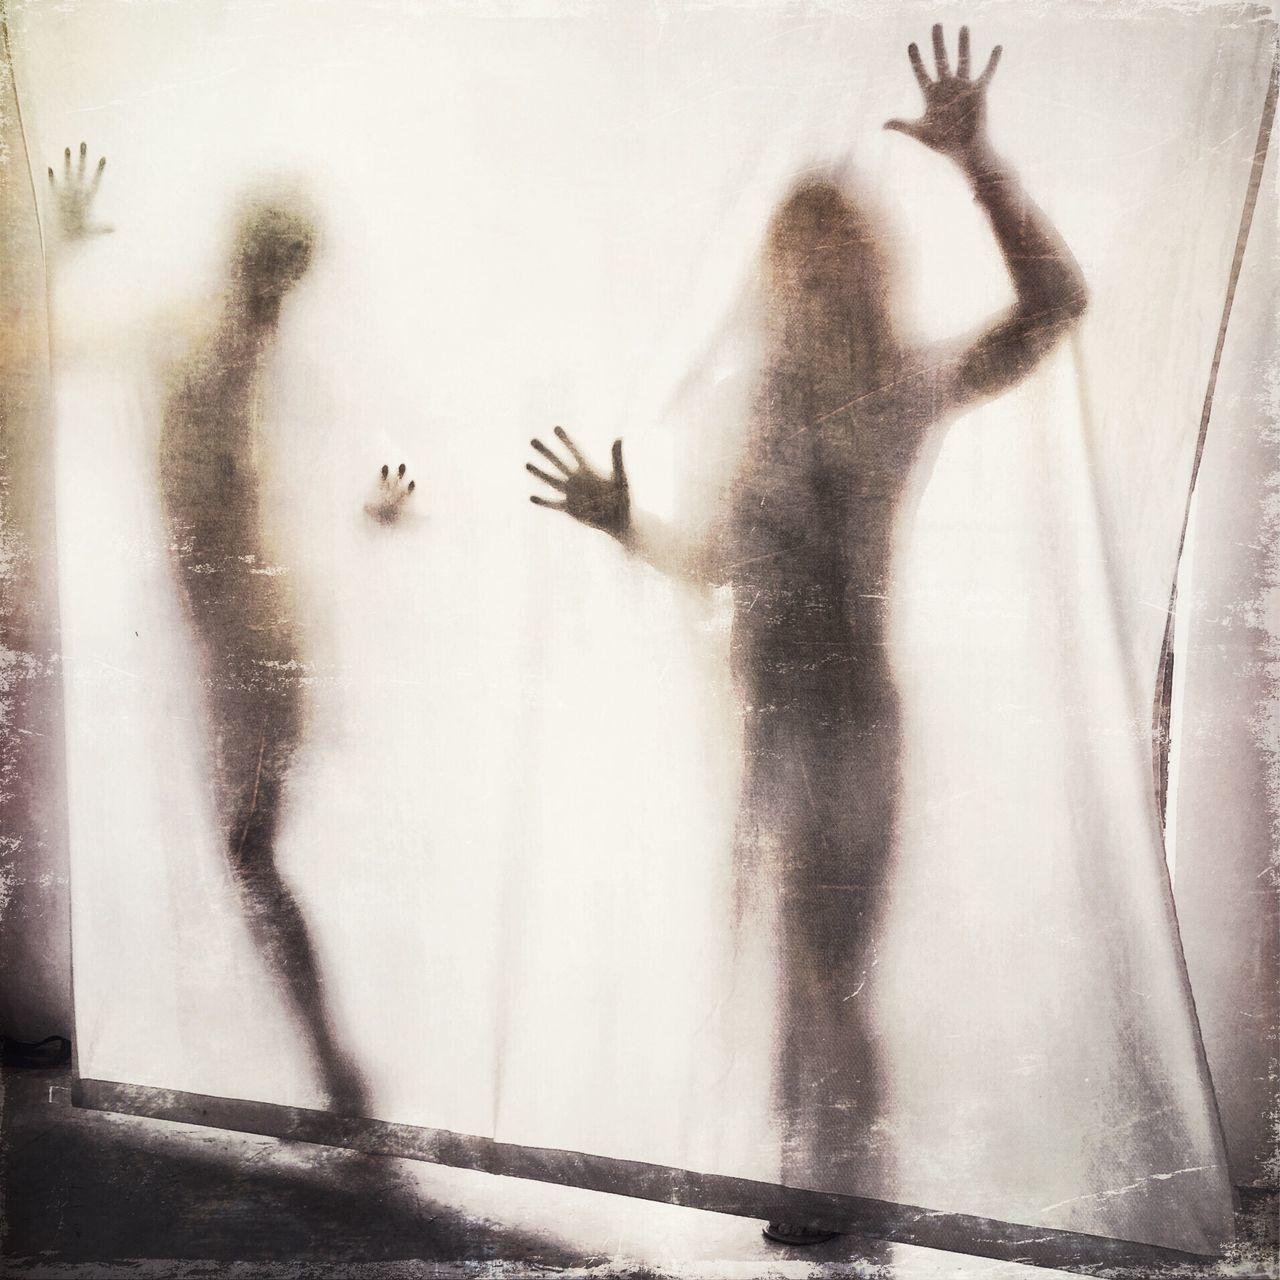 Two People Seeing Through White Textile